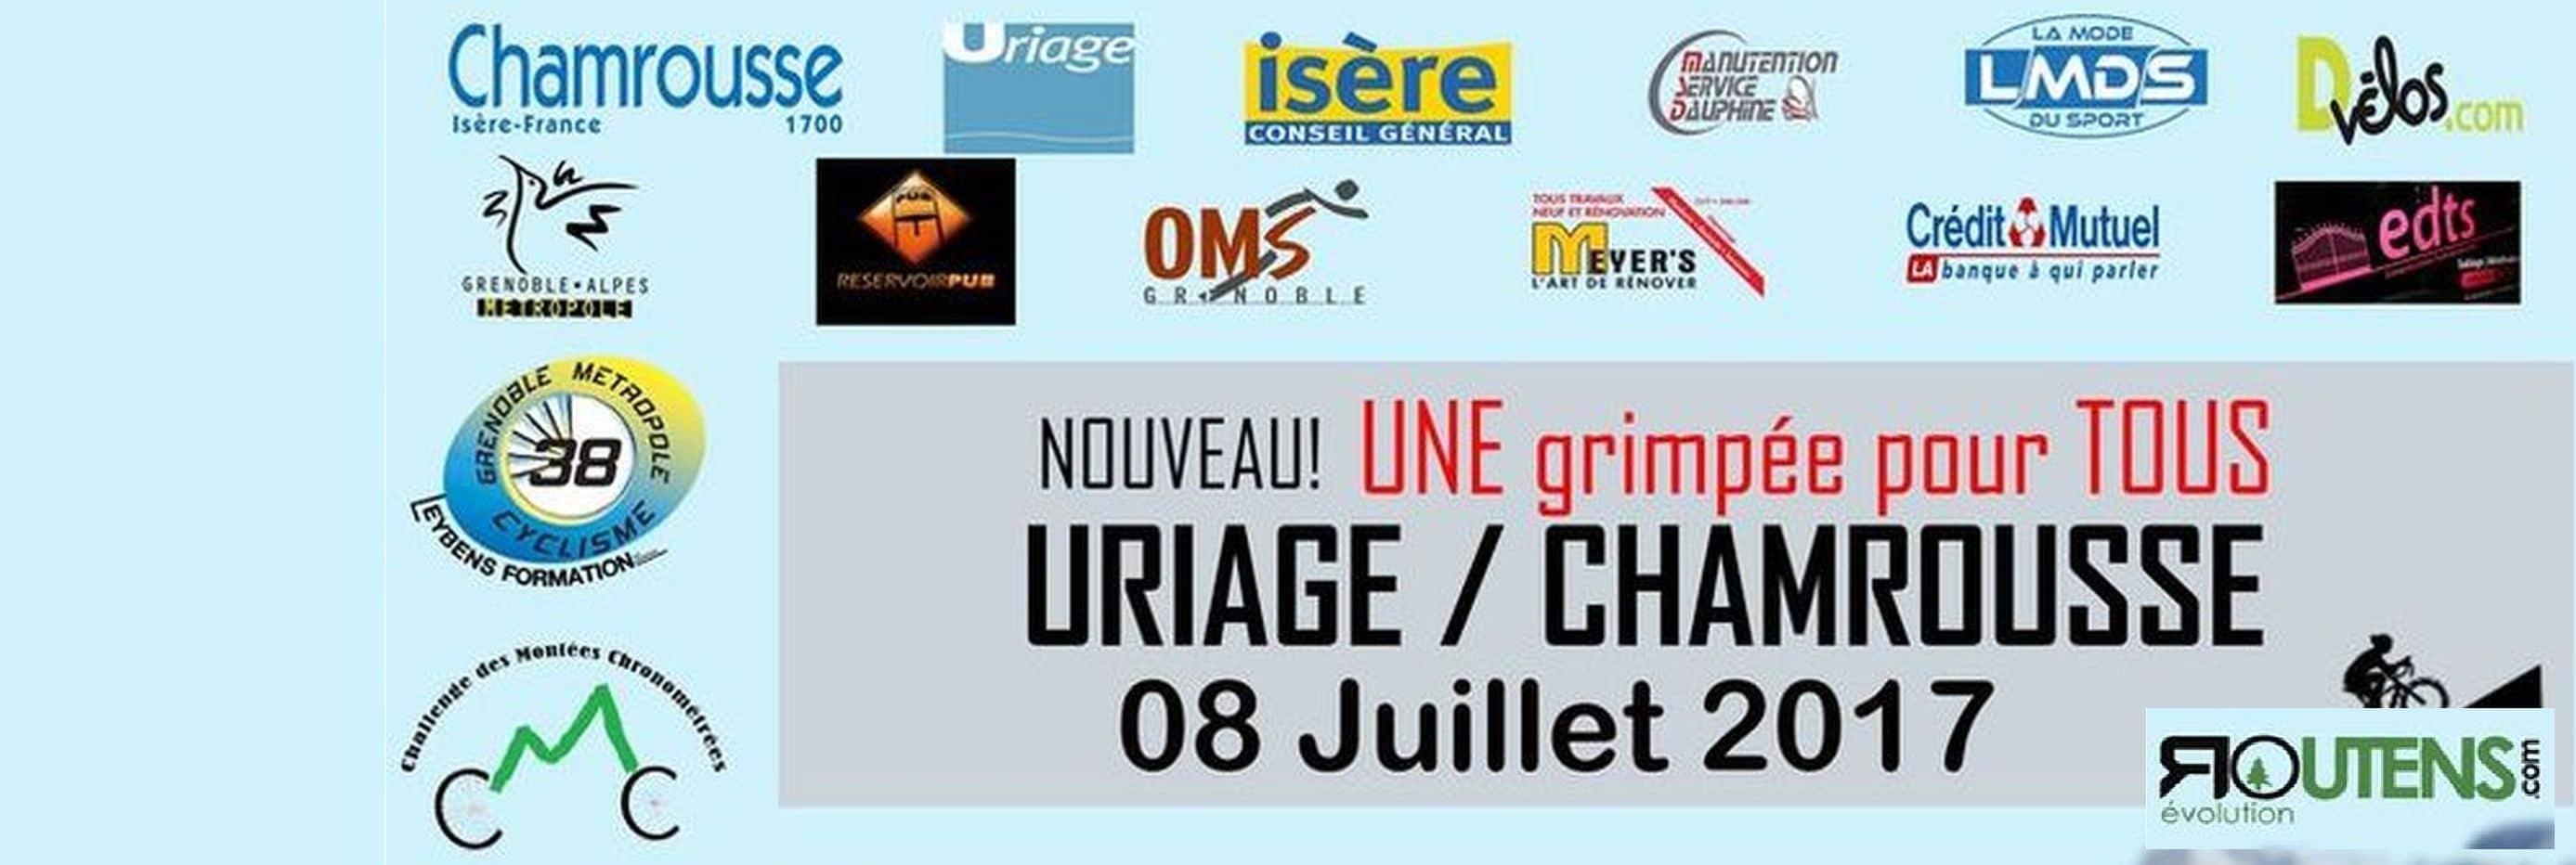 Informations VEL AUTRANS et Grimpée Alpe d'Huez